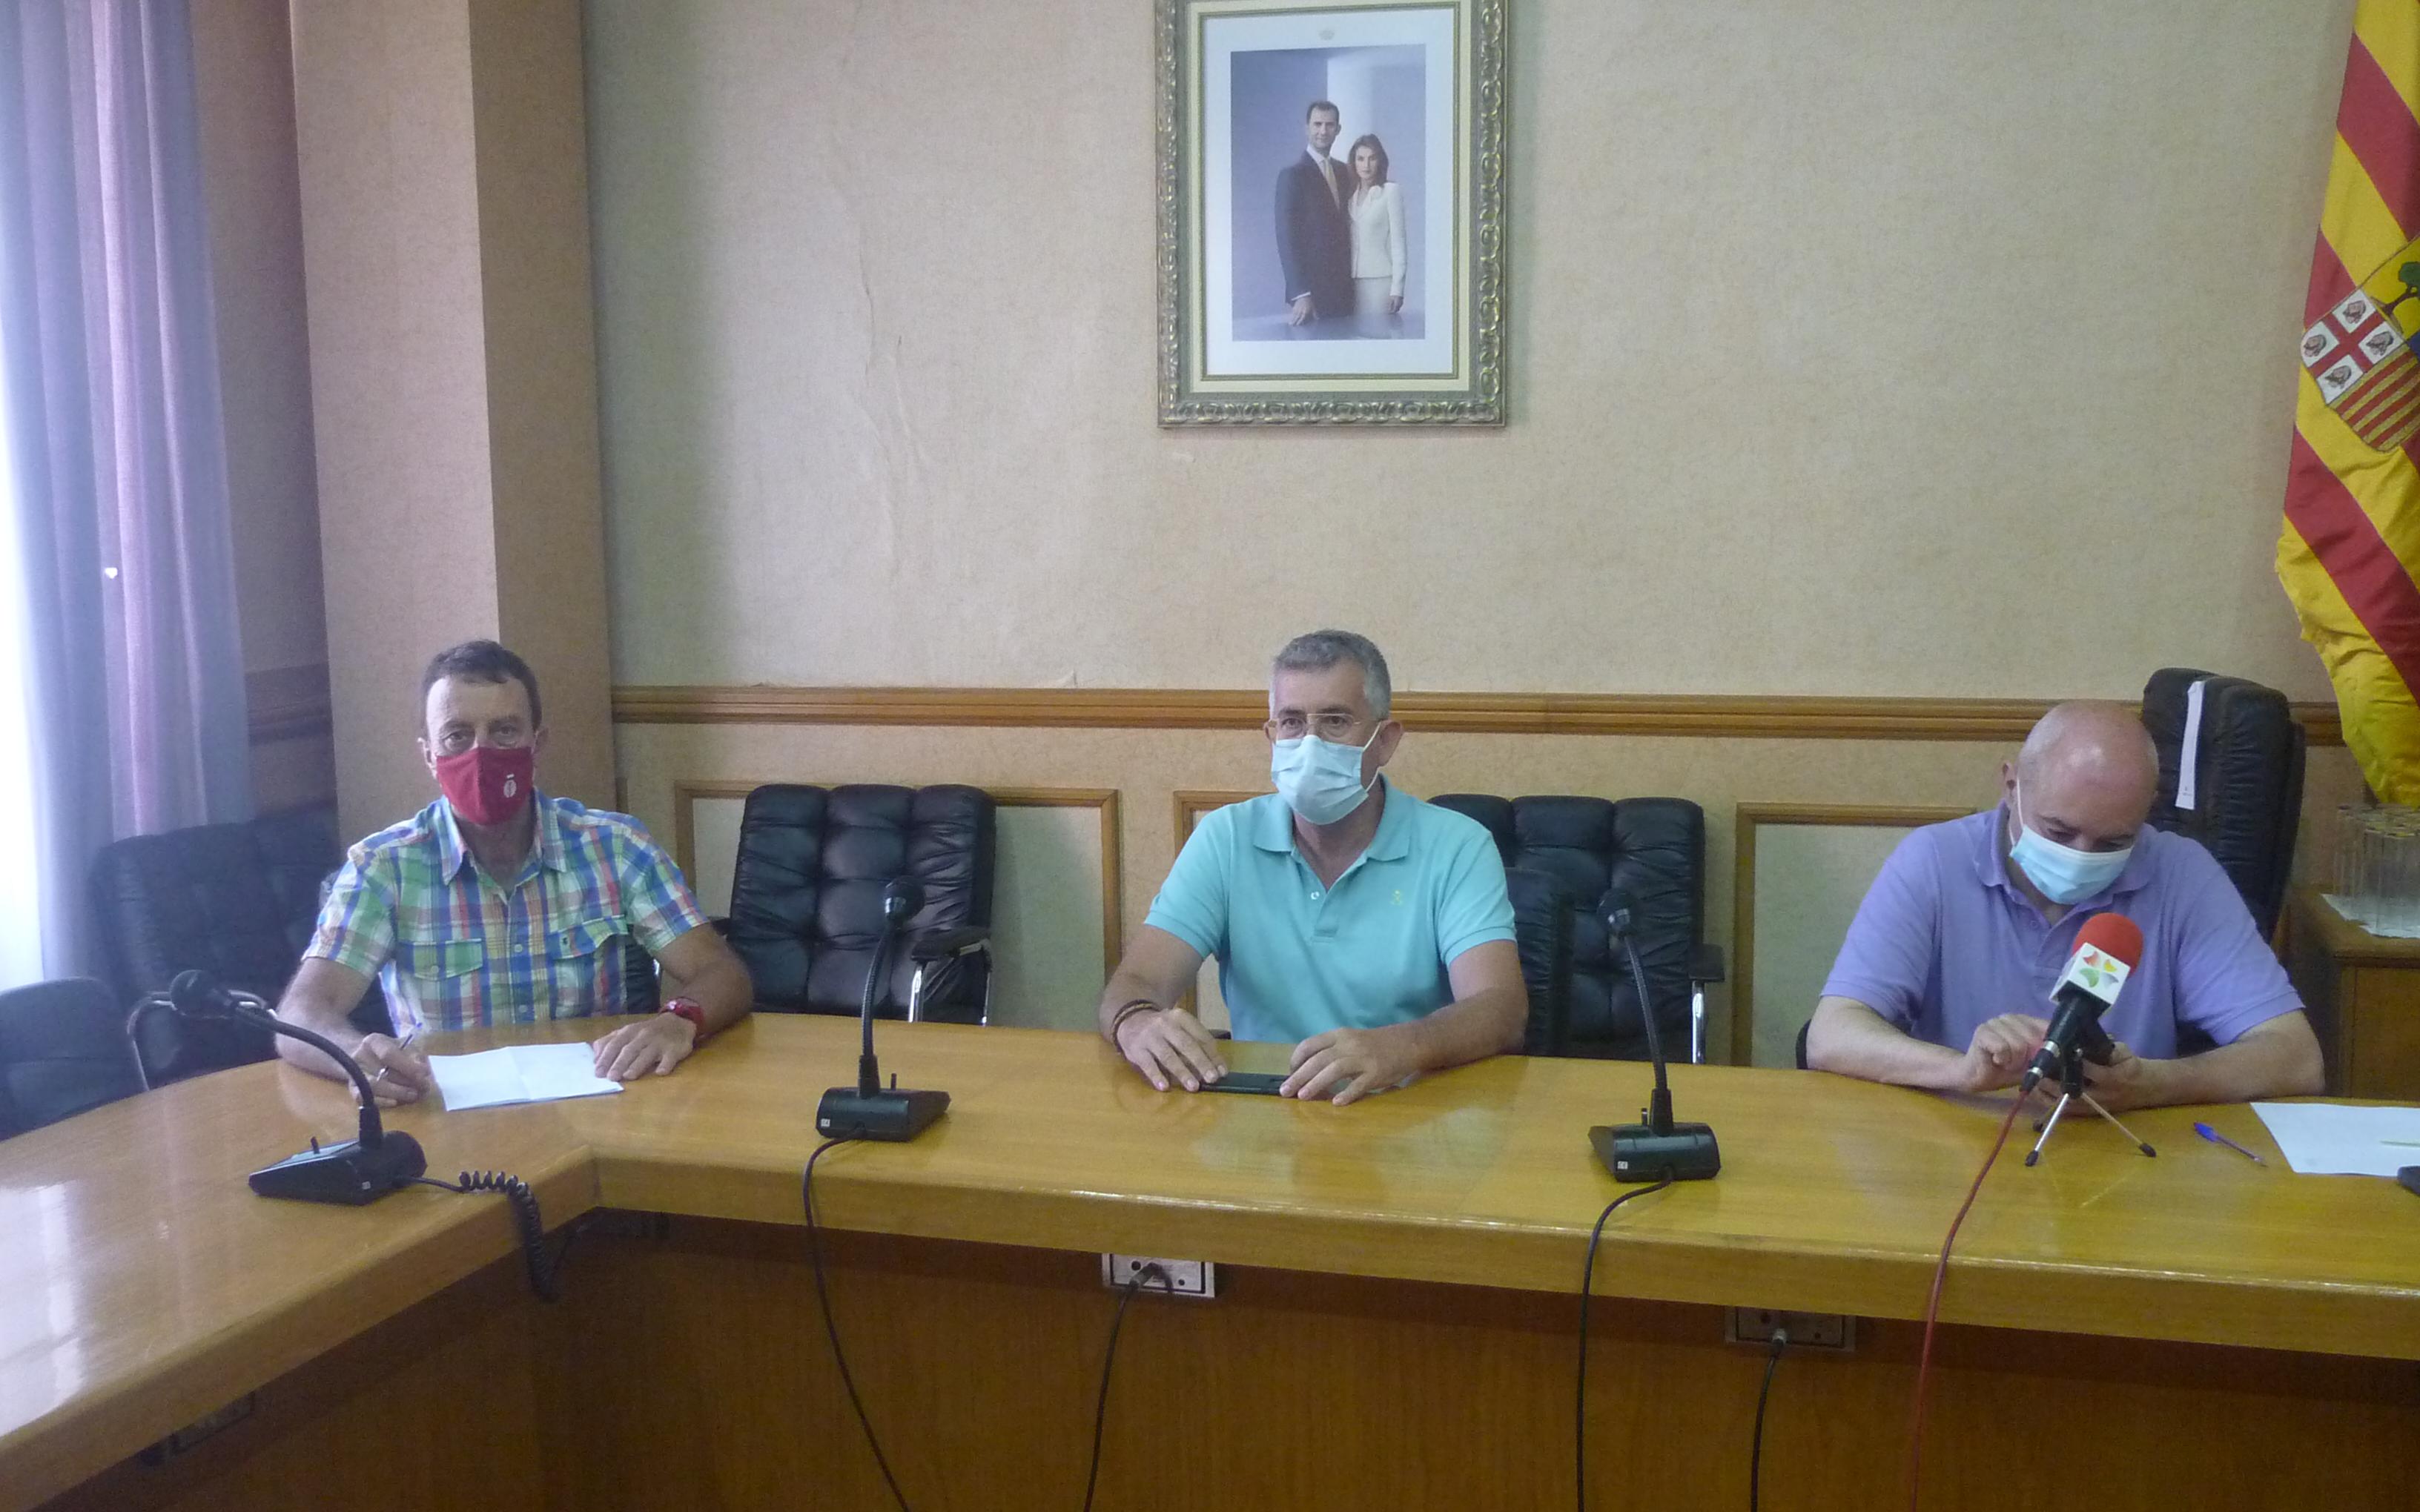 Javier Baigorri, teniente alcalde del Ayuntamiento de Alcañiz; Kiko Lahoz, concejal de deportes; y Carlos Herráez, técnico de deportes en la rueda de prensa / E. F